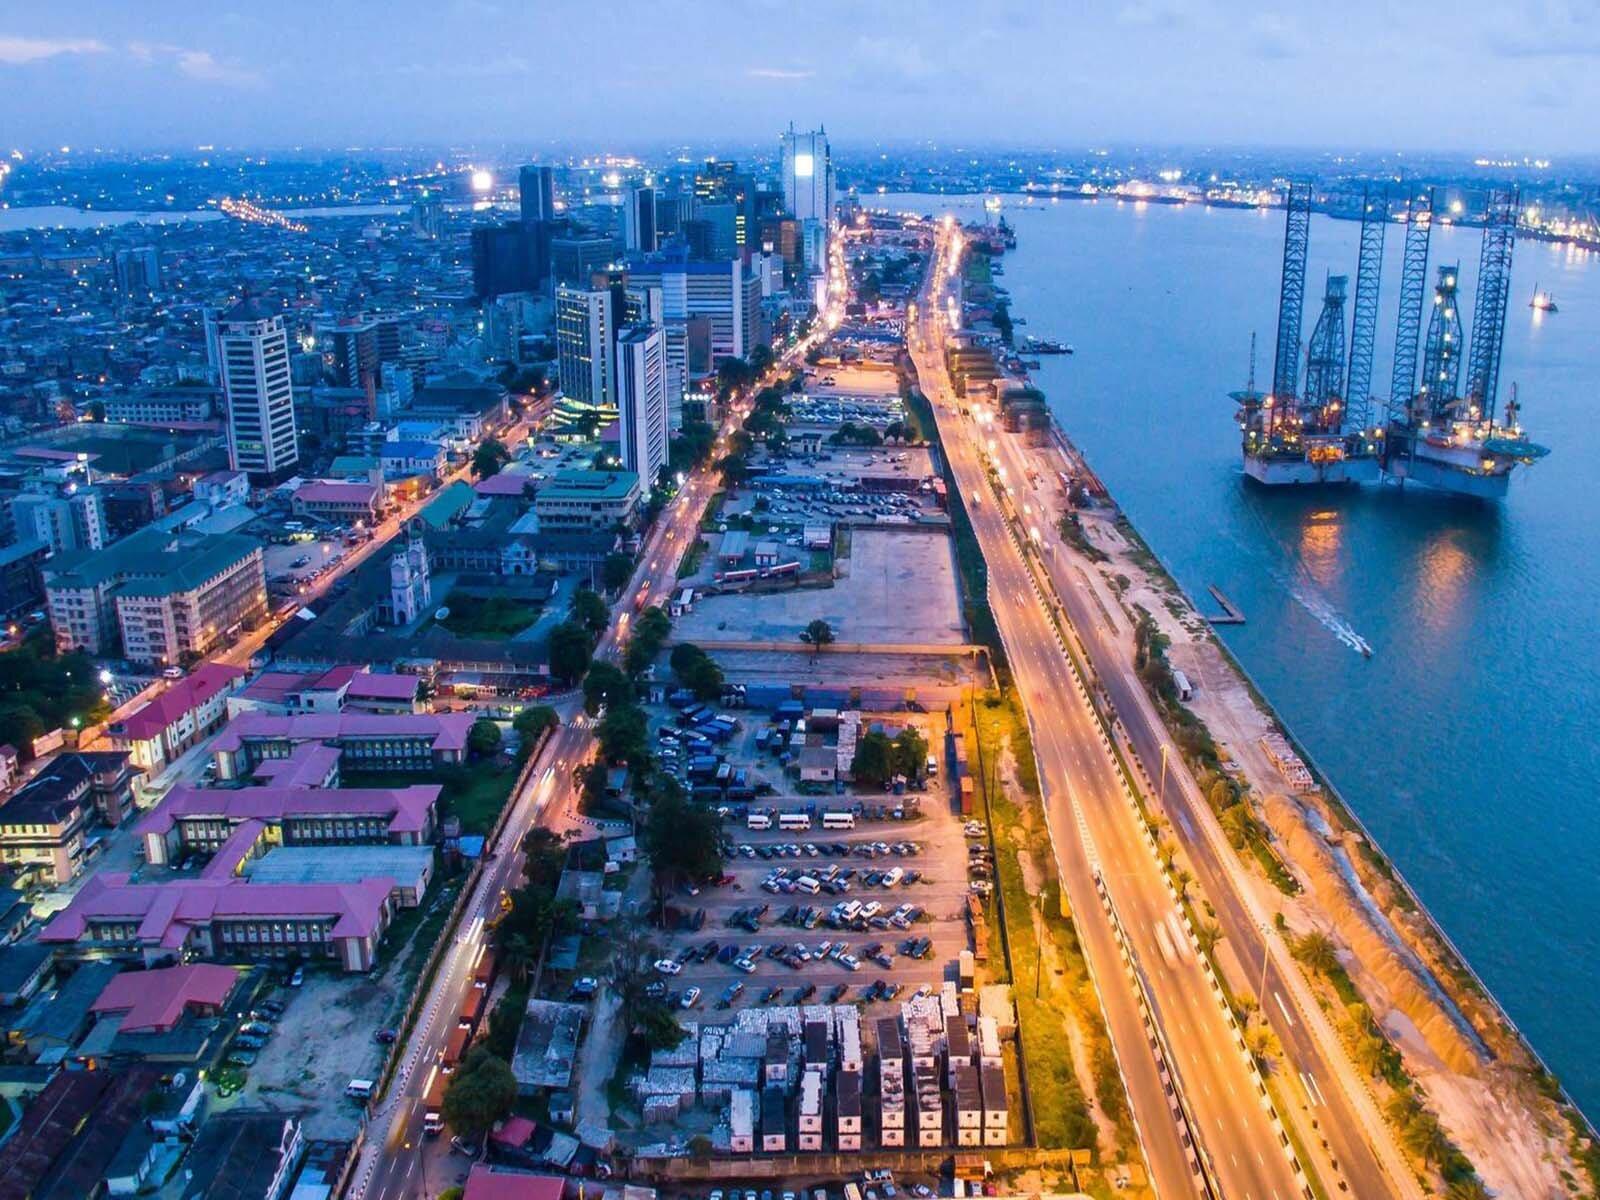 Известный город Нигерии скоро станет самым крупным и популярным городом в мире